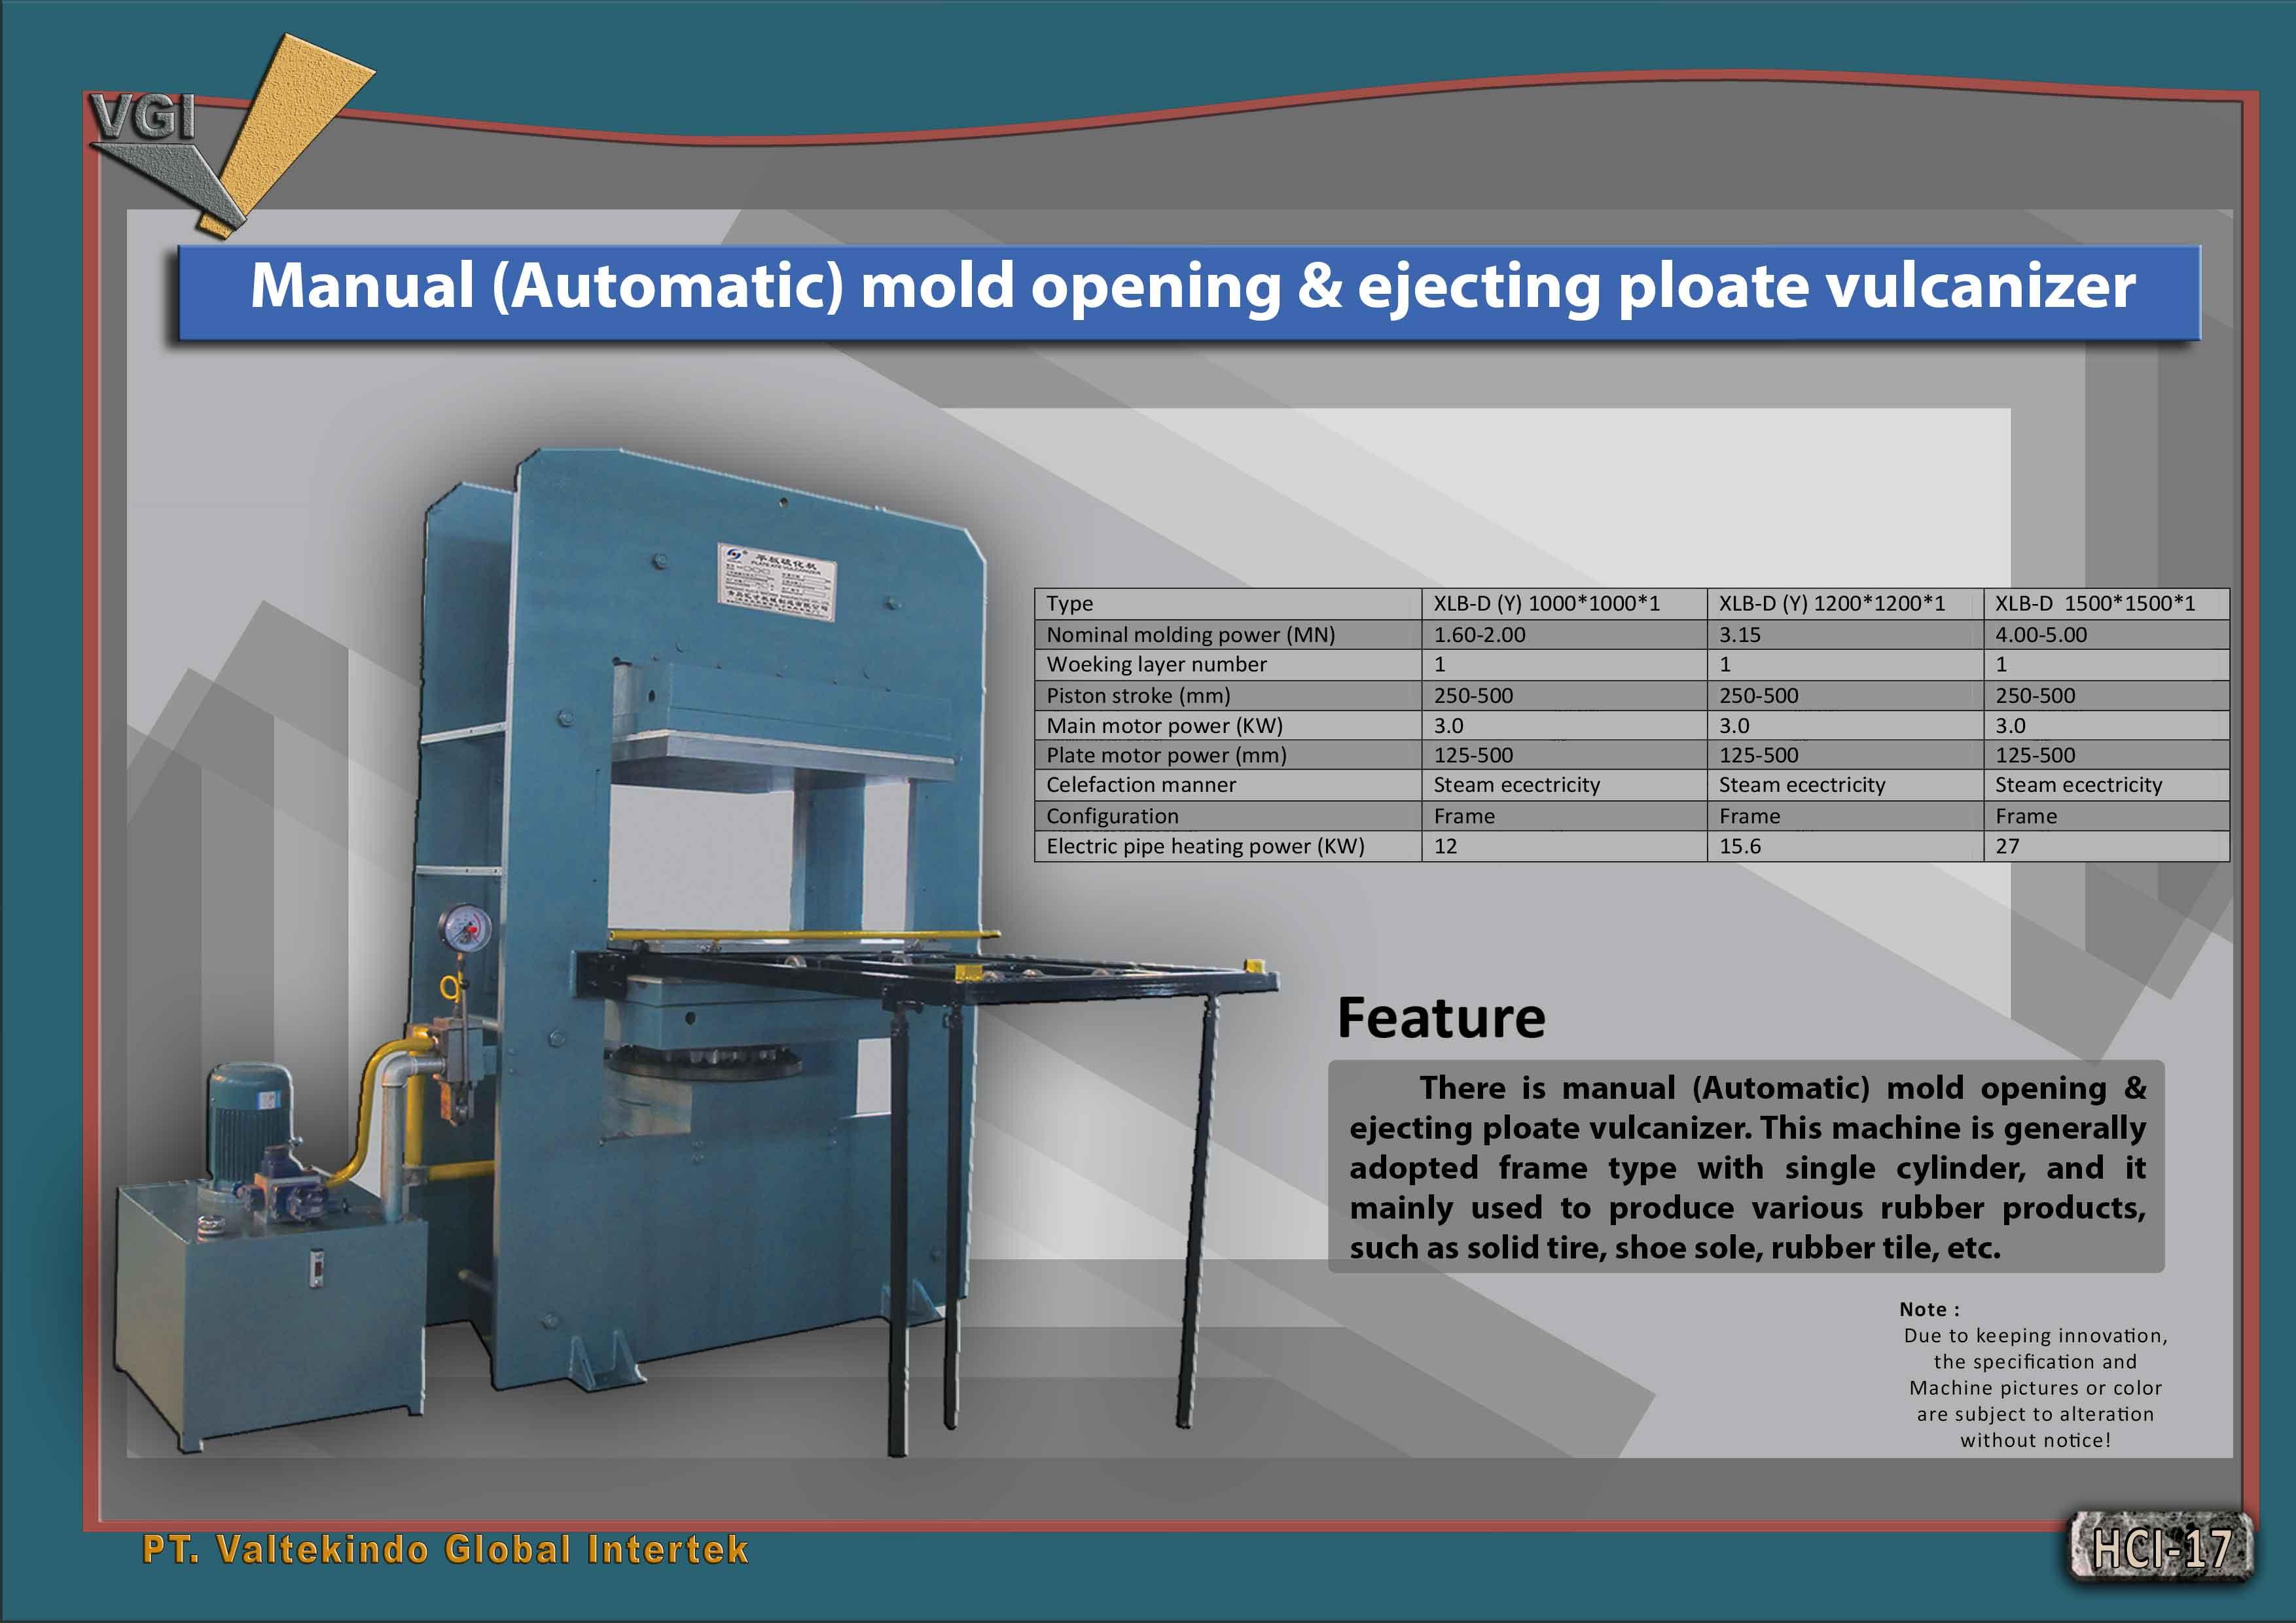 jual mesin Manual (Automatic) mold vulcanizer Manual (Automatic) mold vulcanizer